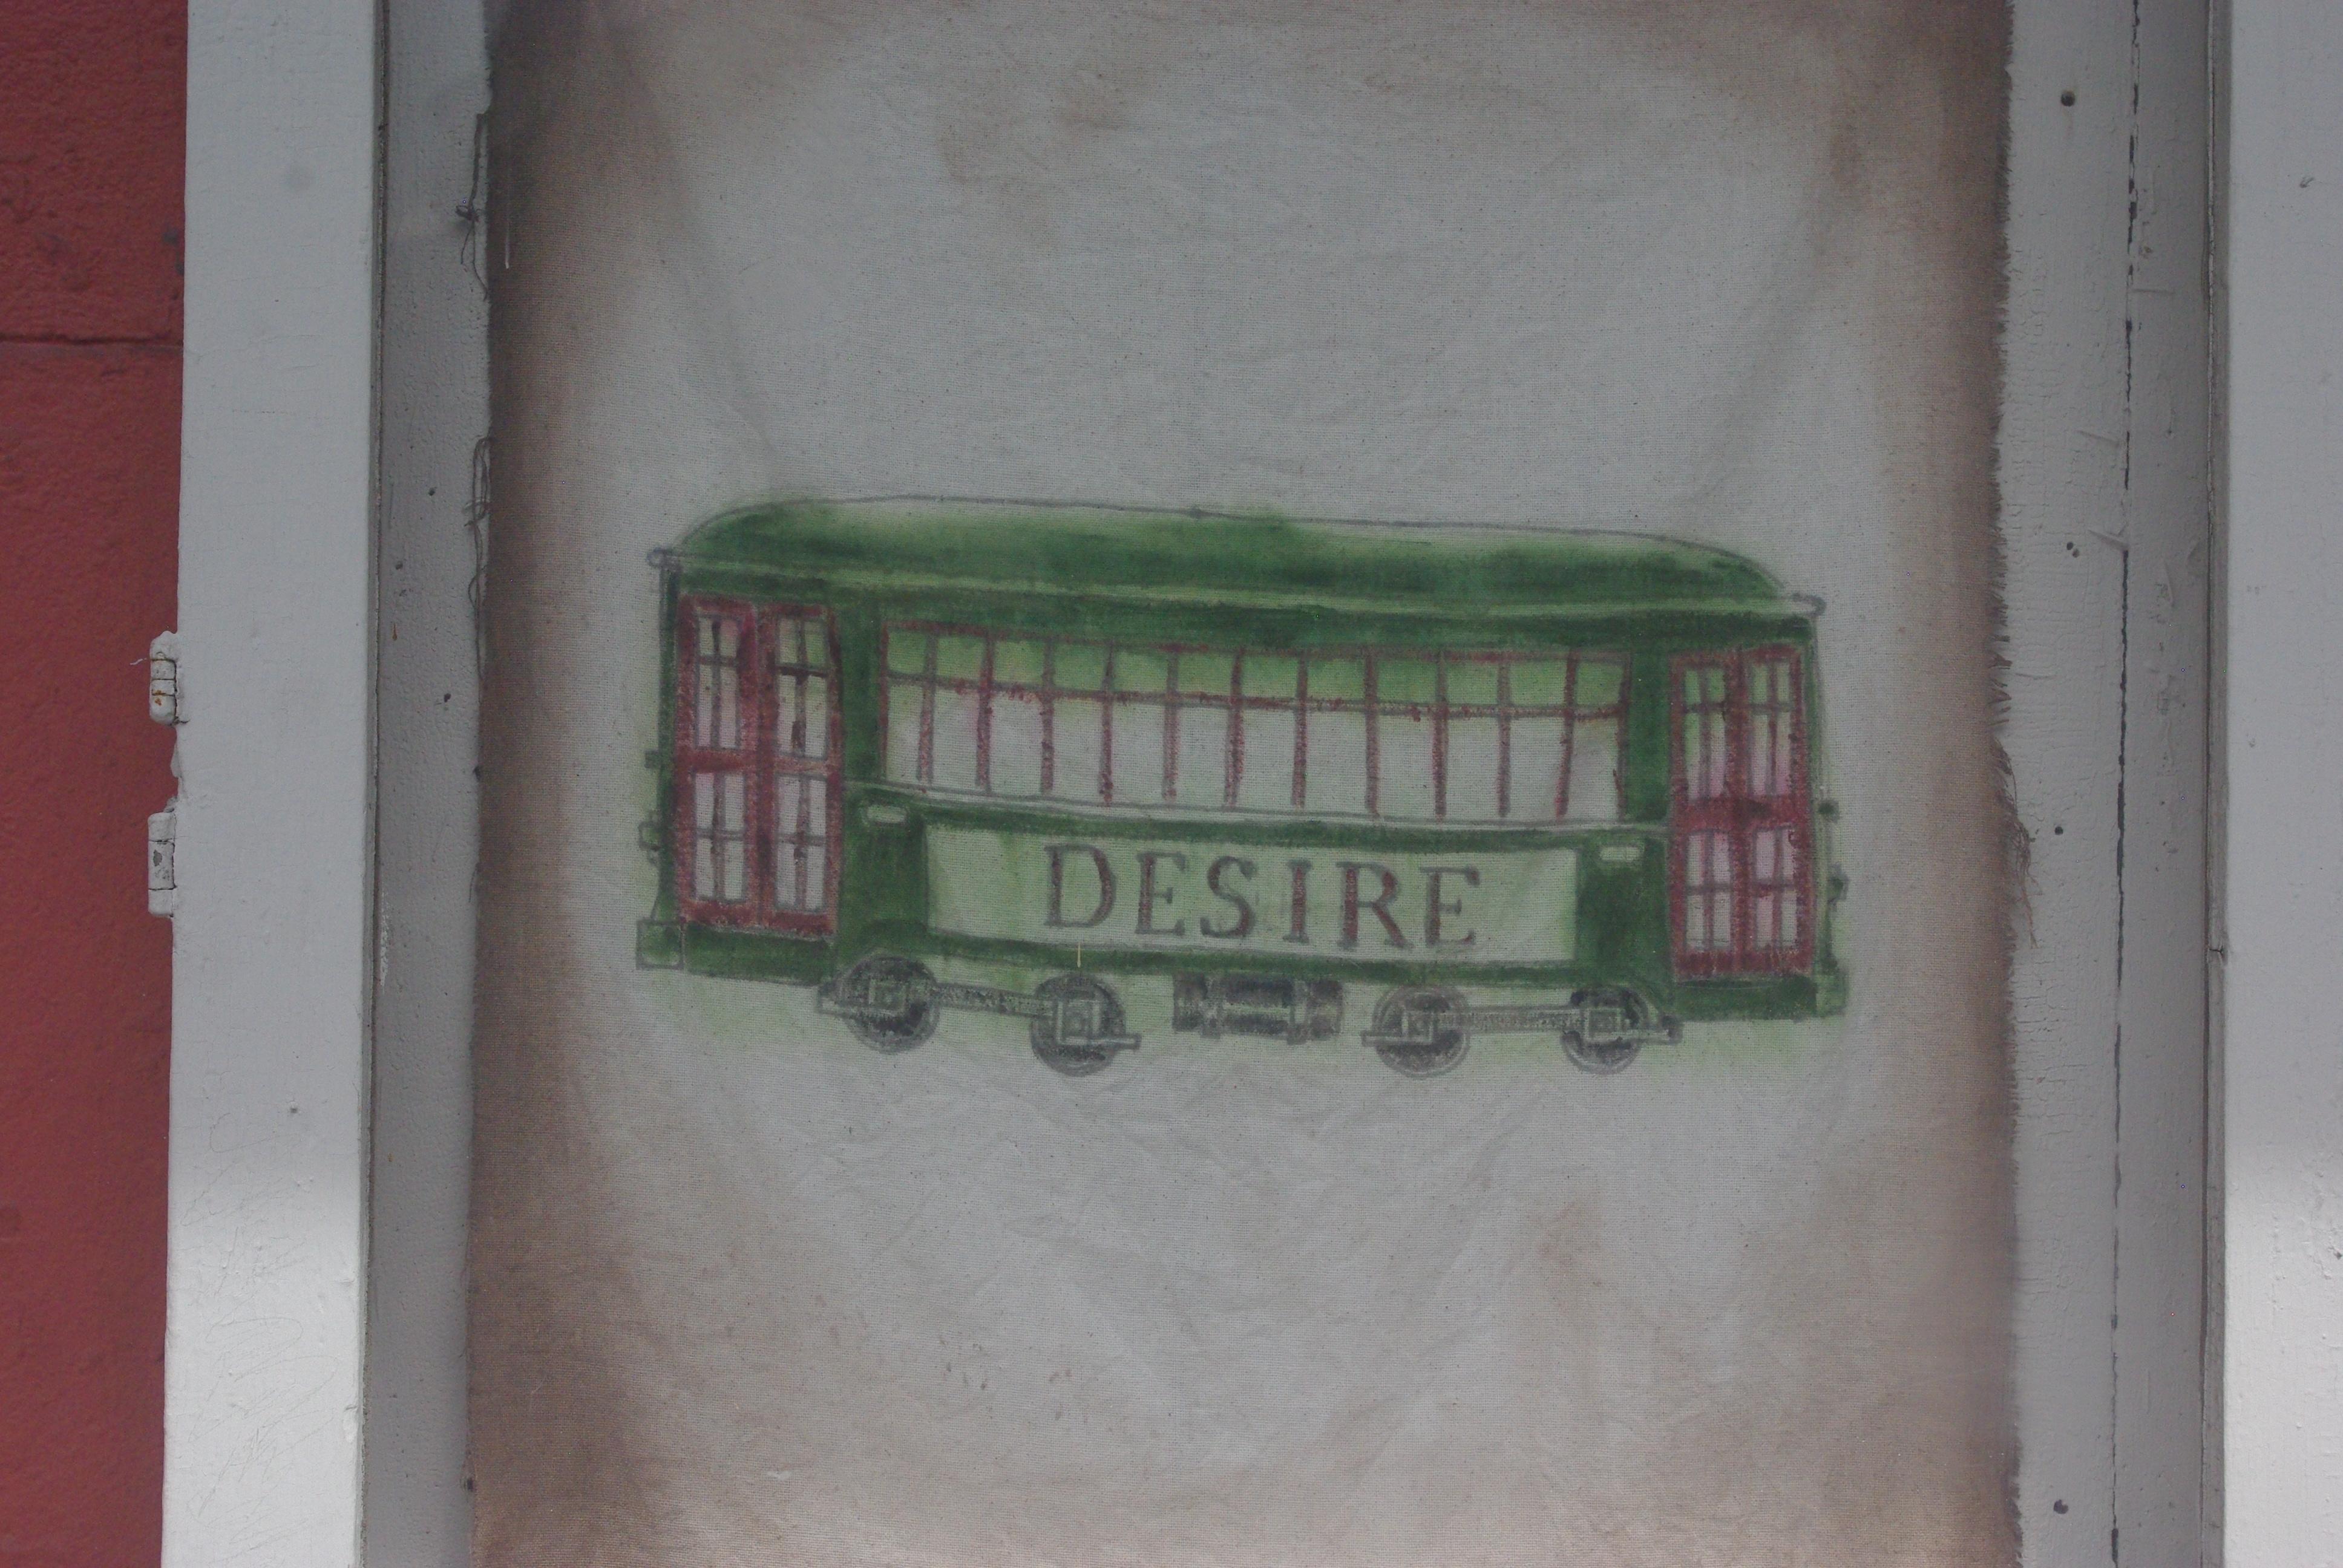 Ne pas oublier le tramway nommé désire bien sûr